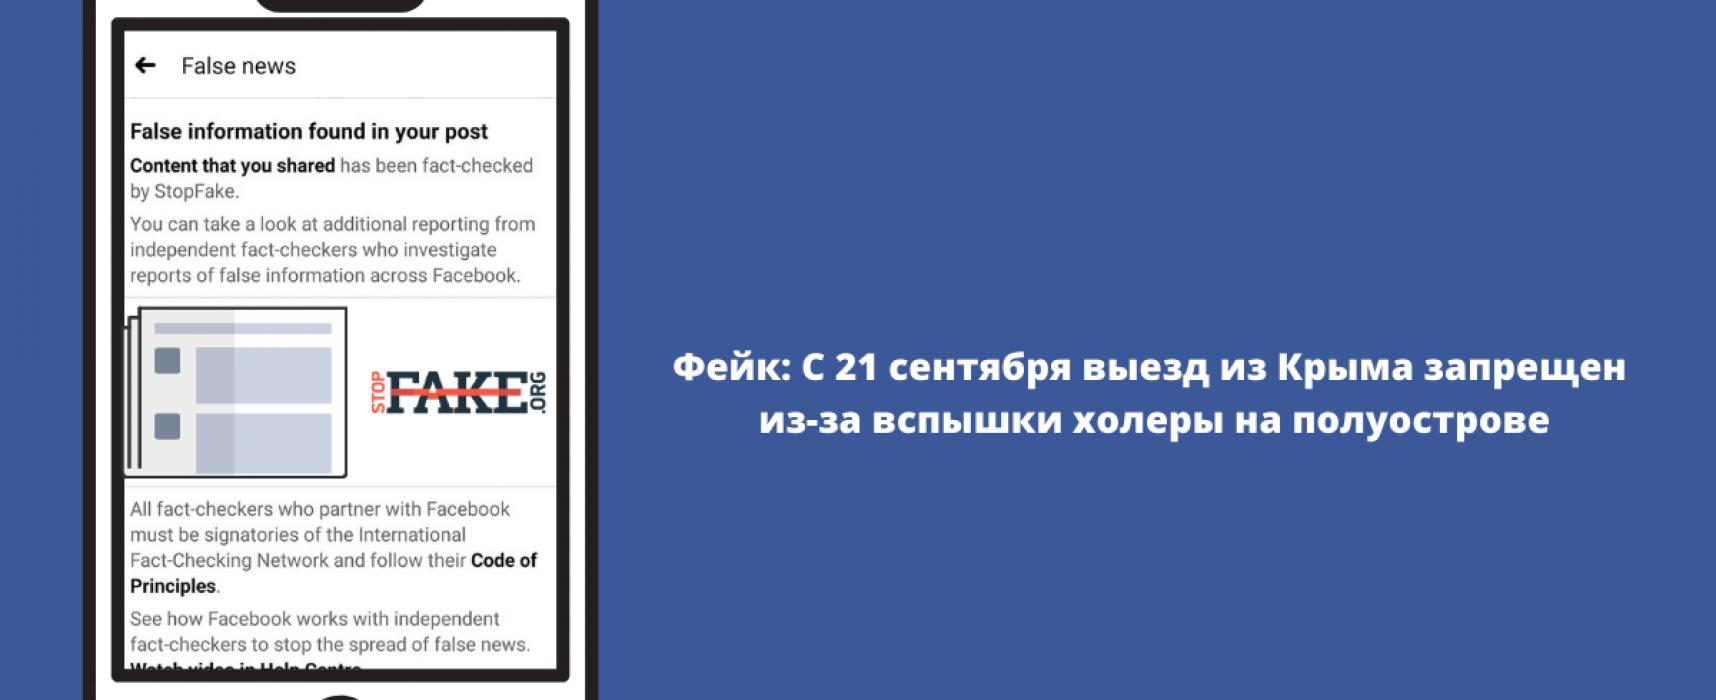 Фейк: Із 21 вересня виїзд з Криму заборонений через спалах холери на півострові